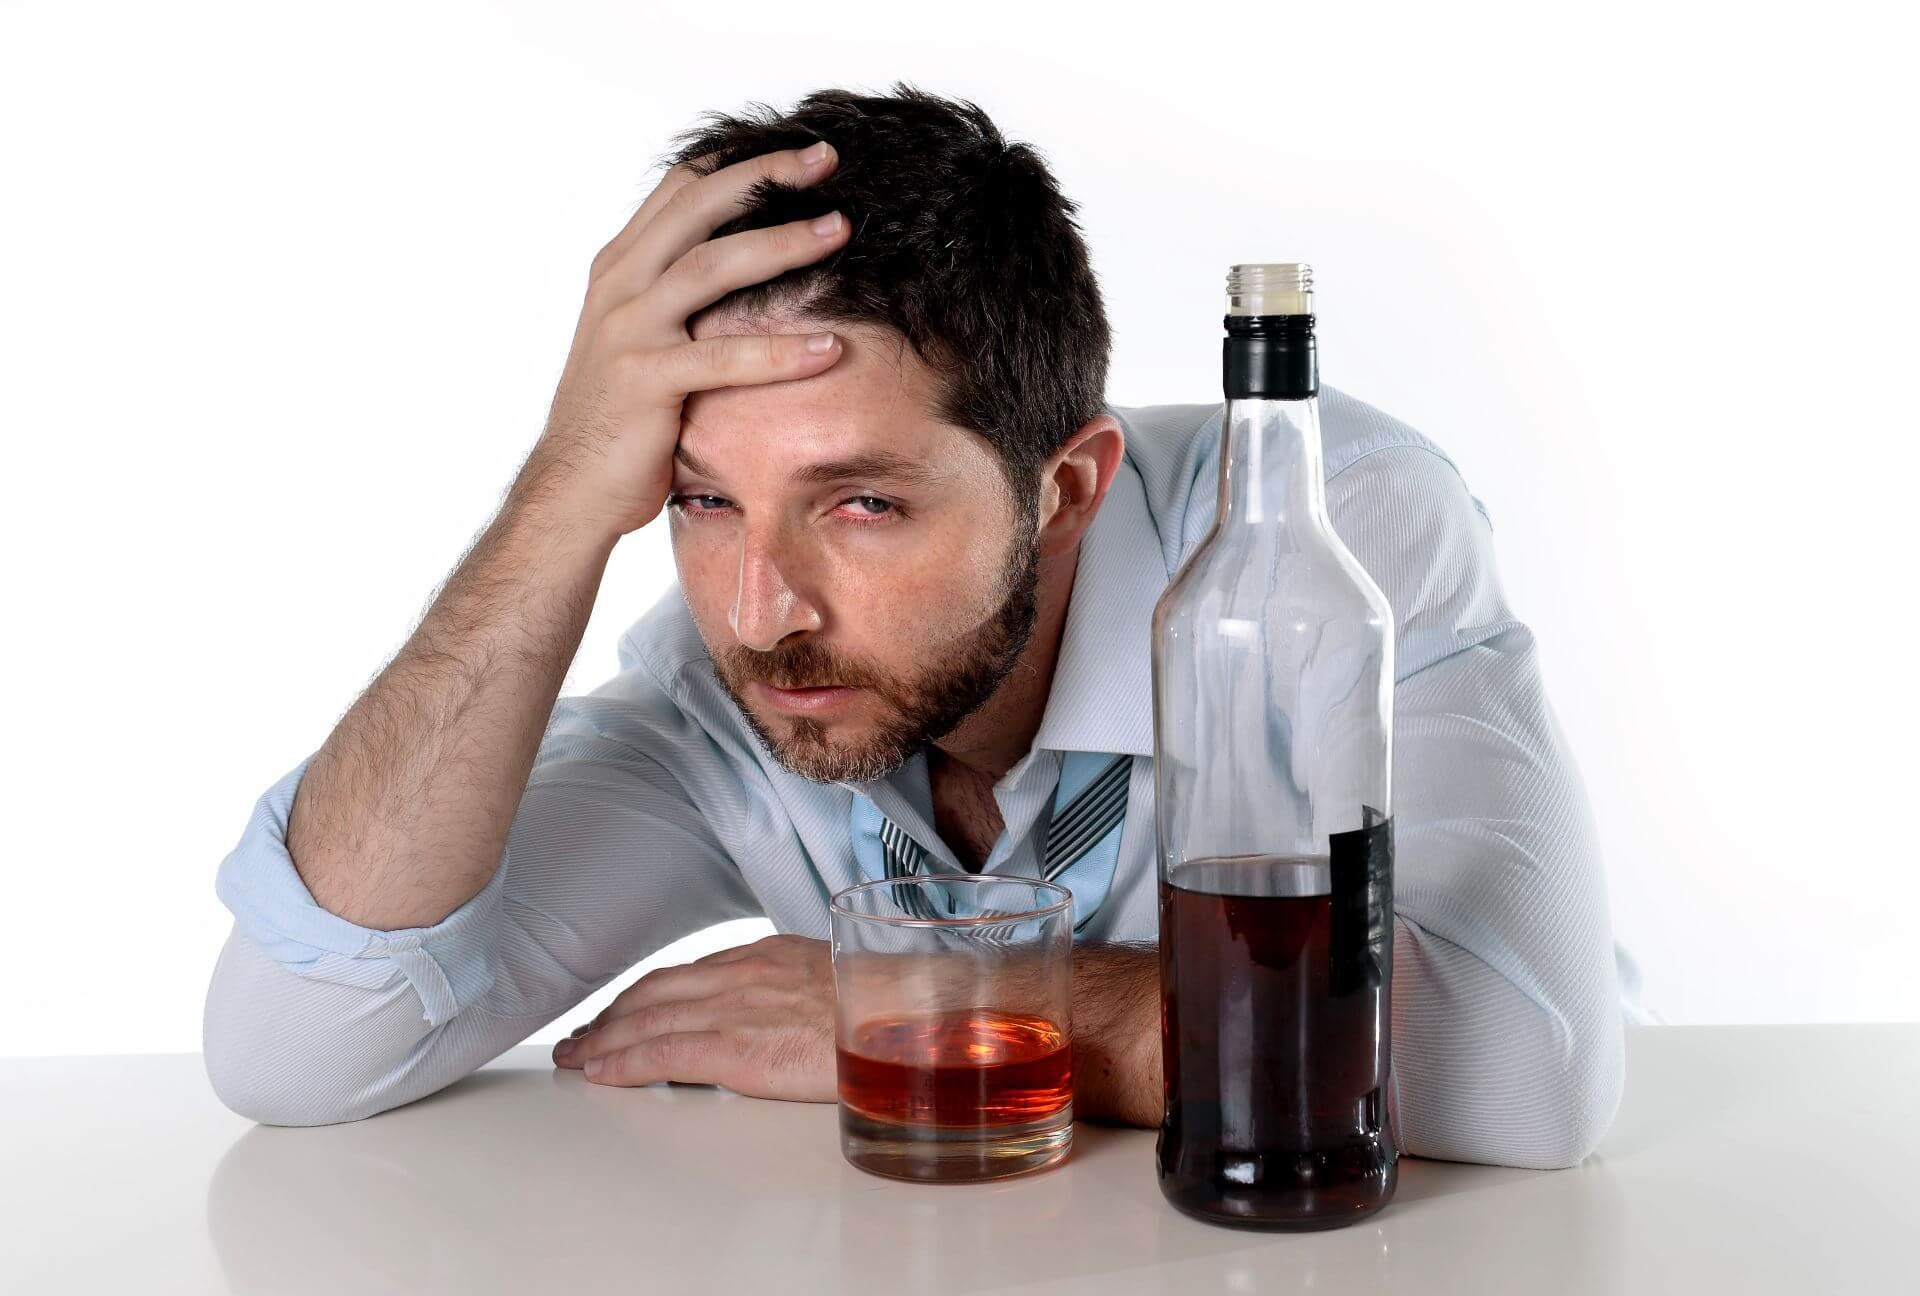 Медучреждения Москвеа кодирование алкоголизма г стаханов лечение алкоголизма